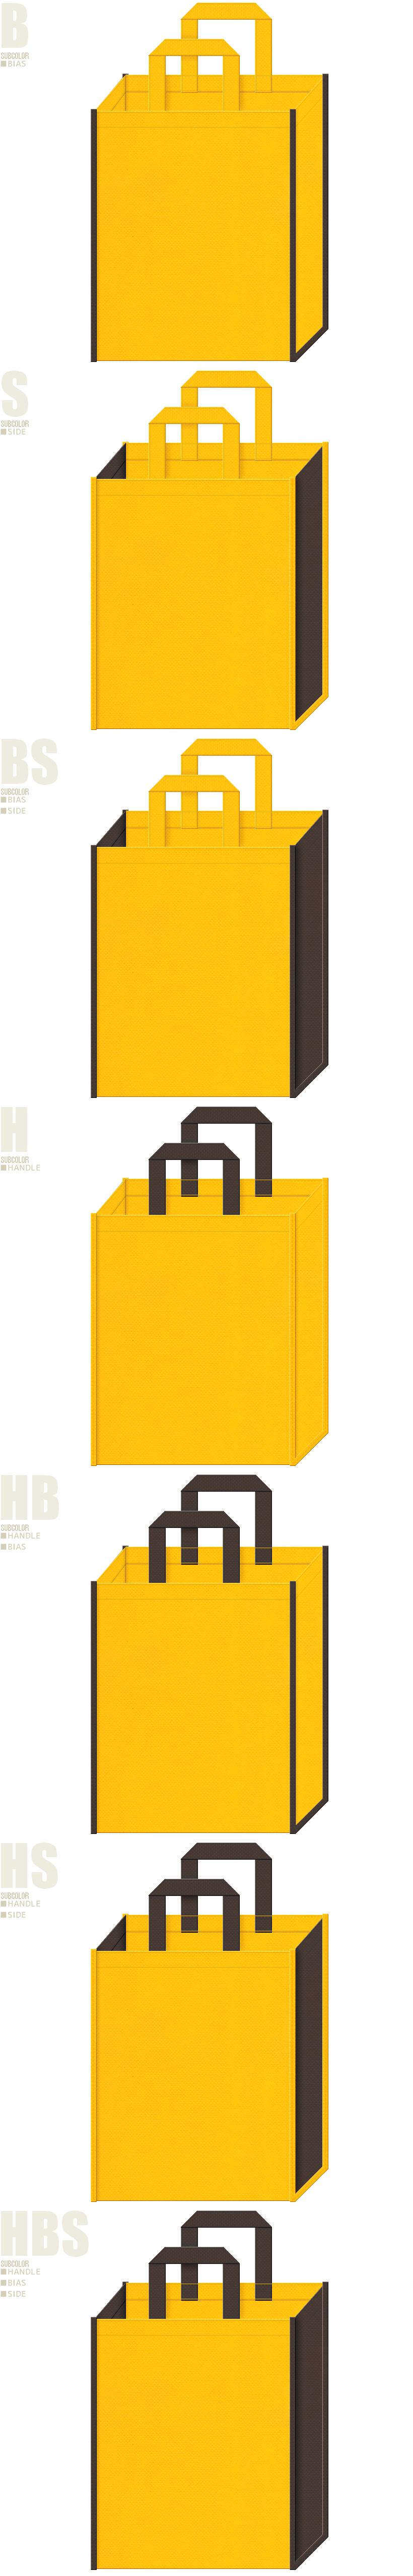 はちみつ・カステラ・スイーツ・バーベキュー・キャンプ・アウトドア用品の展示会用バッグにお奨めの不織布バッグデザイン:黄色とこげ茶色の配色7パターン。